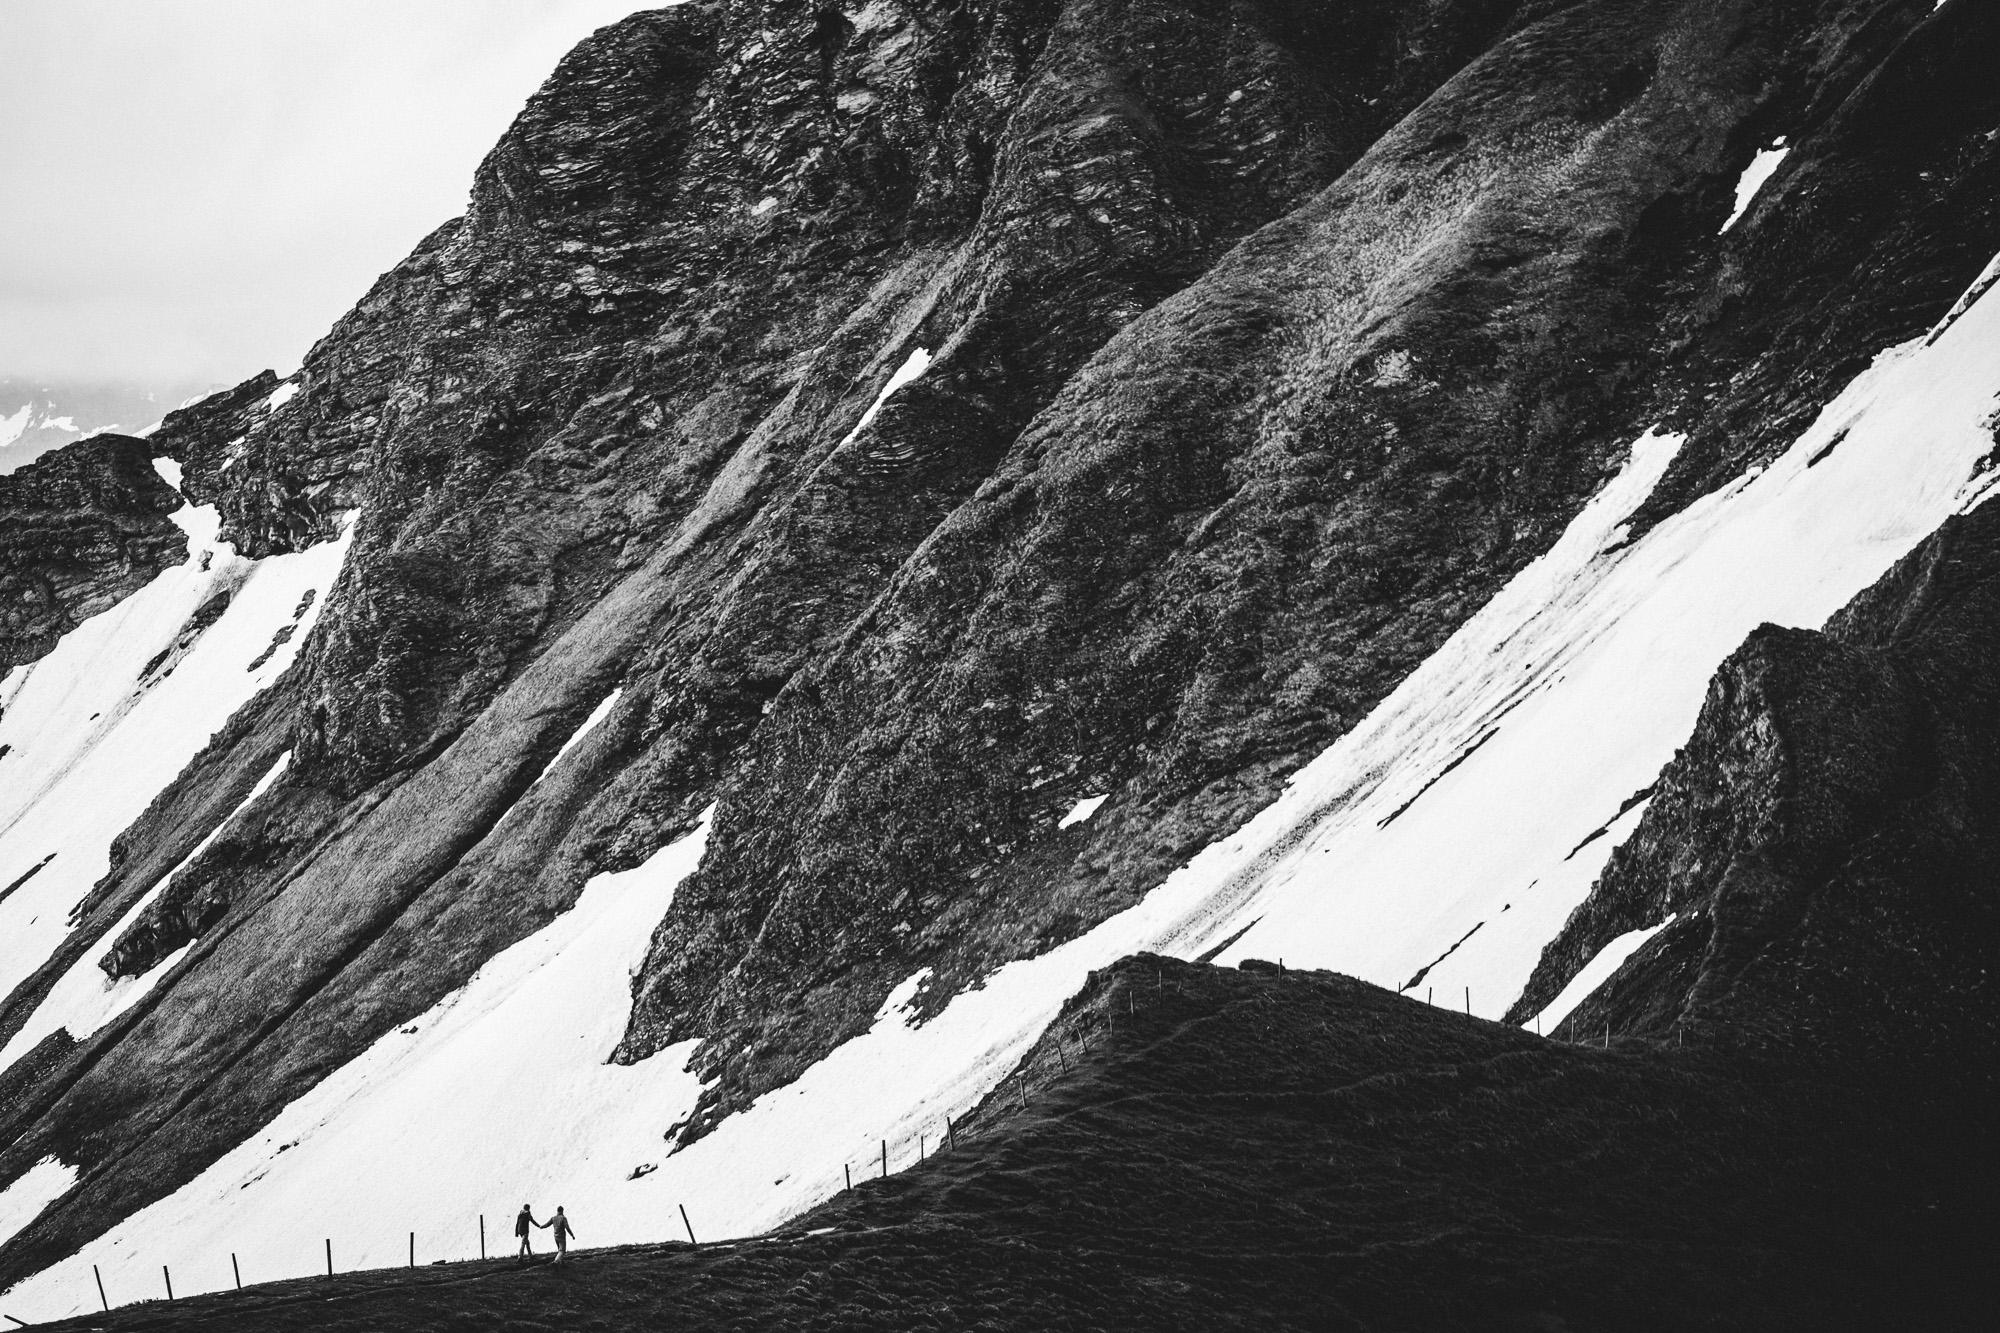 svea und keve 035 - Nur zu zweit in den Bergen